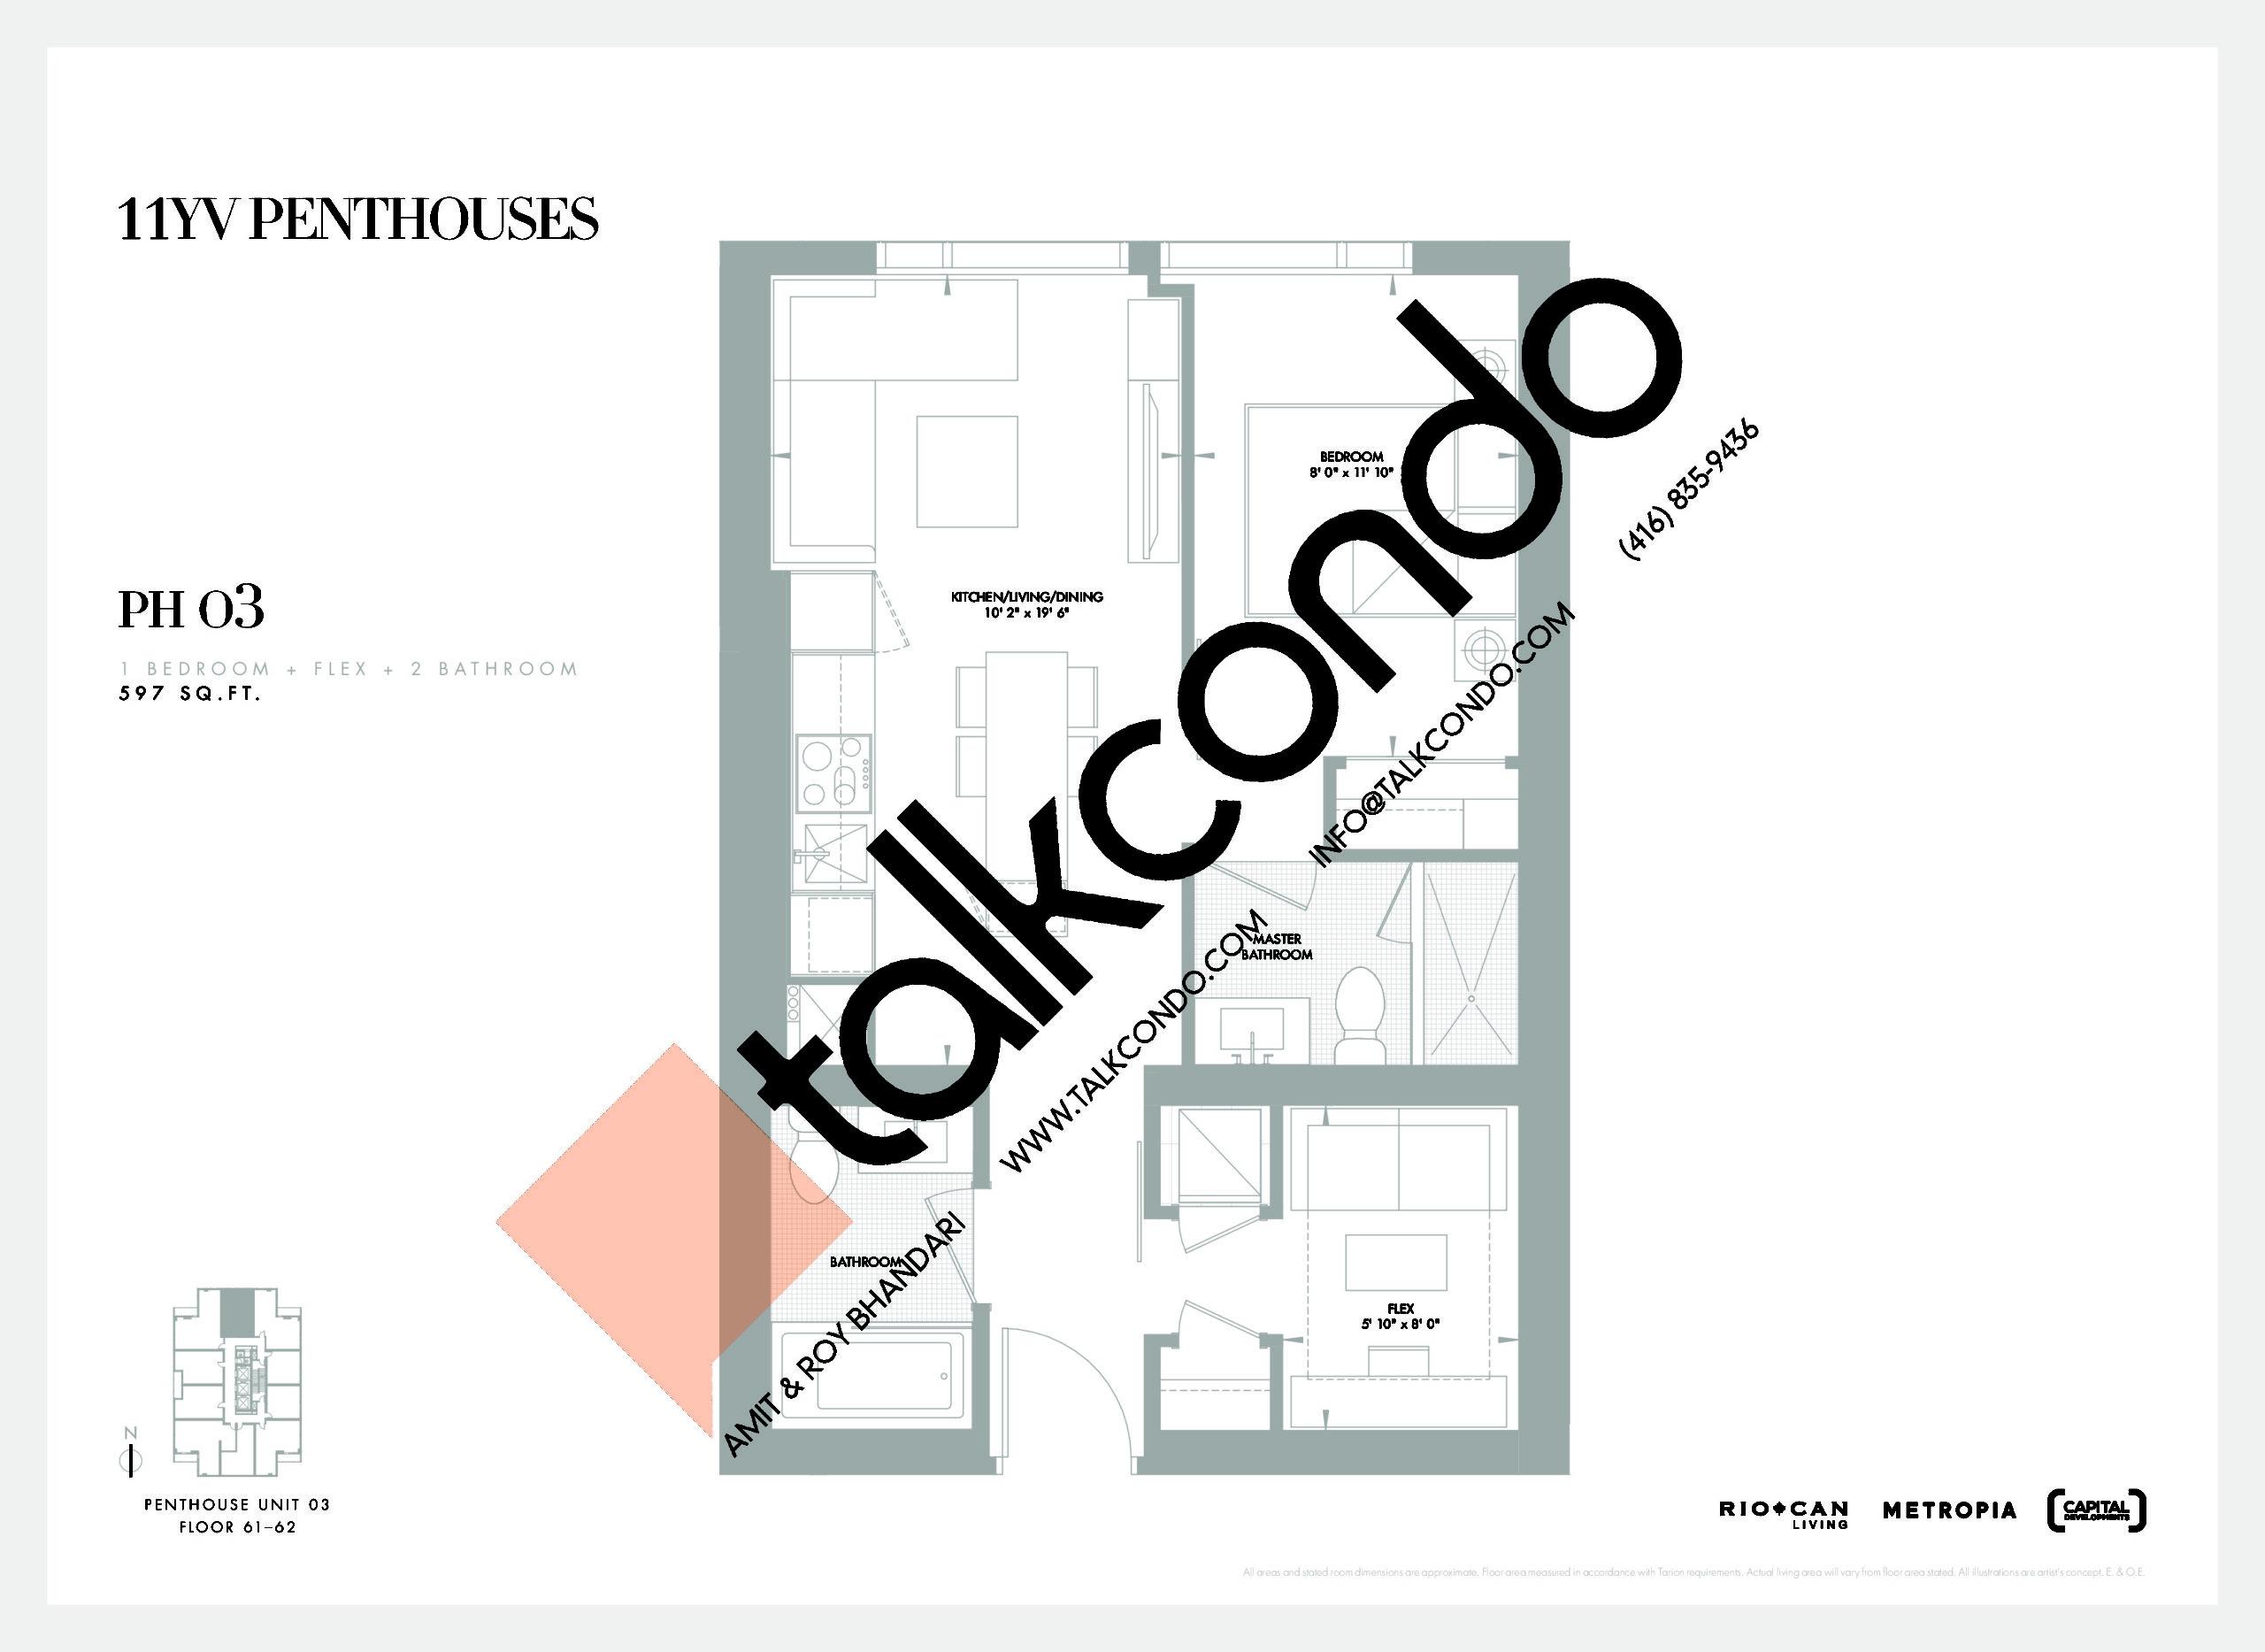 PH 03 Floor Plan at 11YV Condos - 597 sq.ft